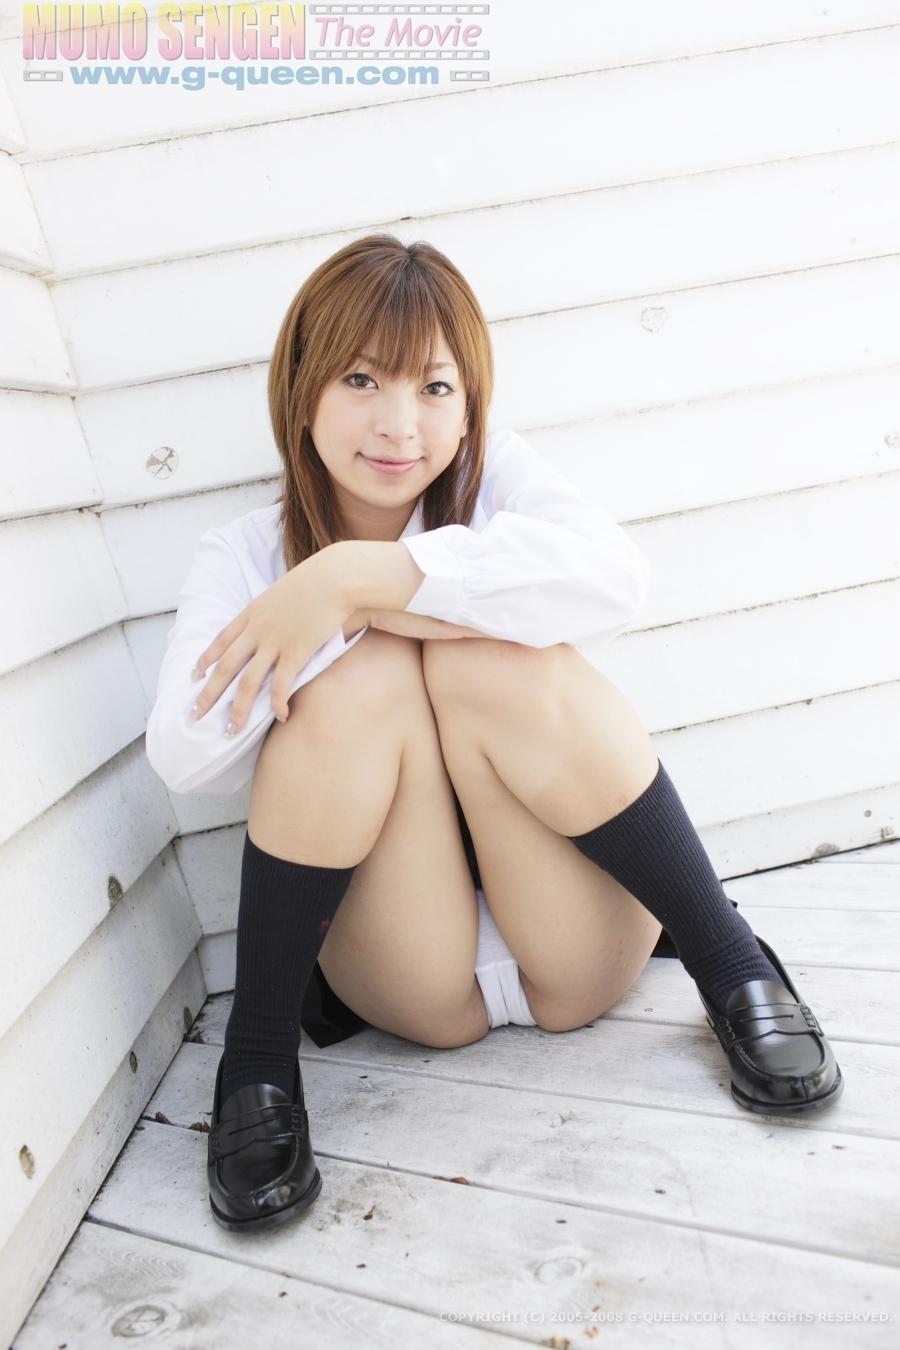 Maria sharapova naked image